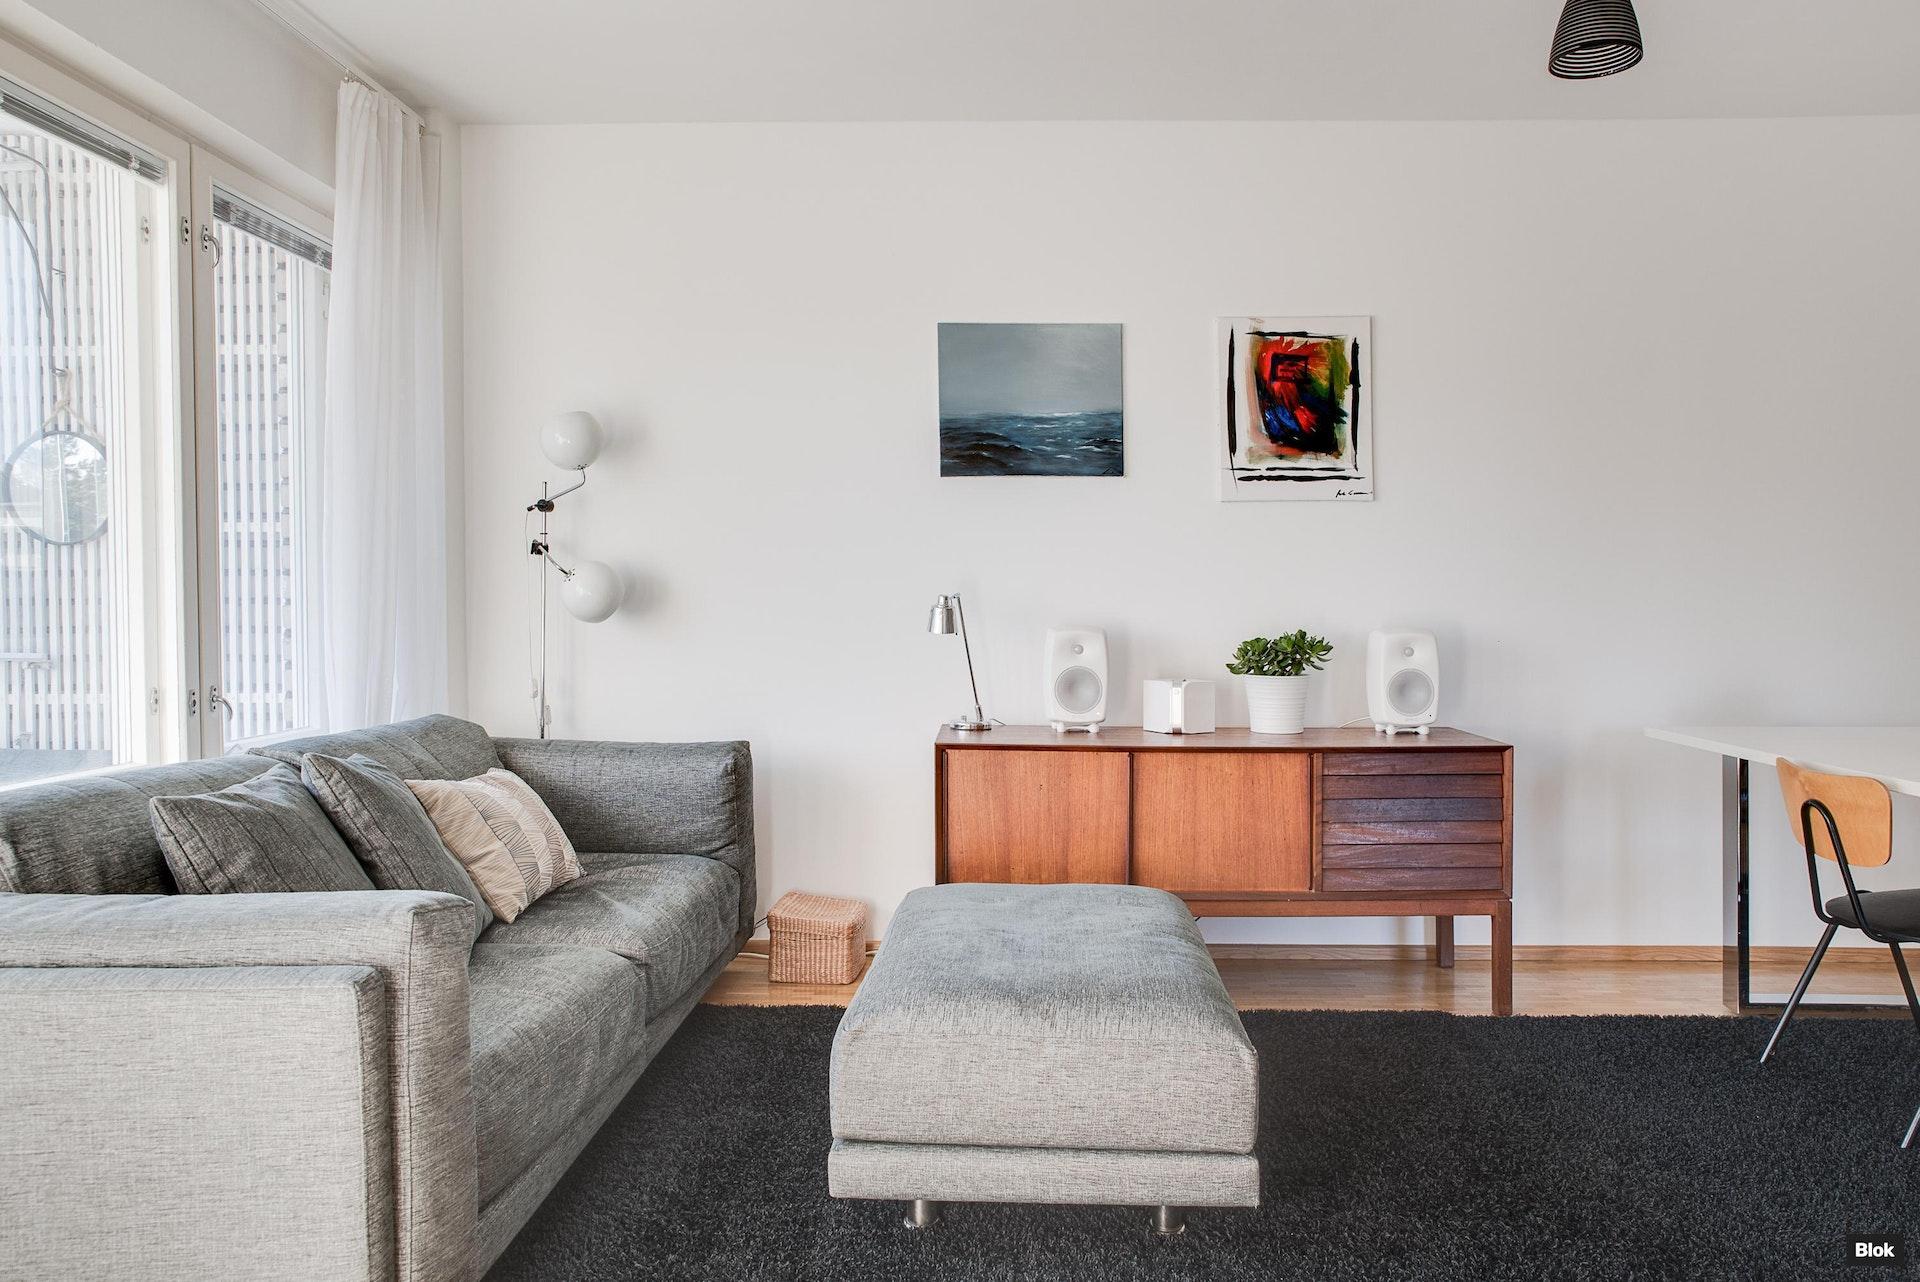 Kaunis asunto Helsingin Pohjois-Haagassa